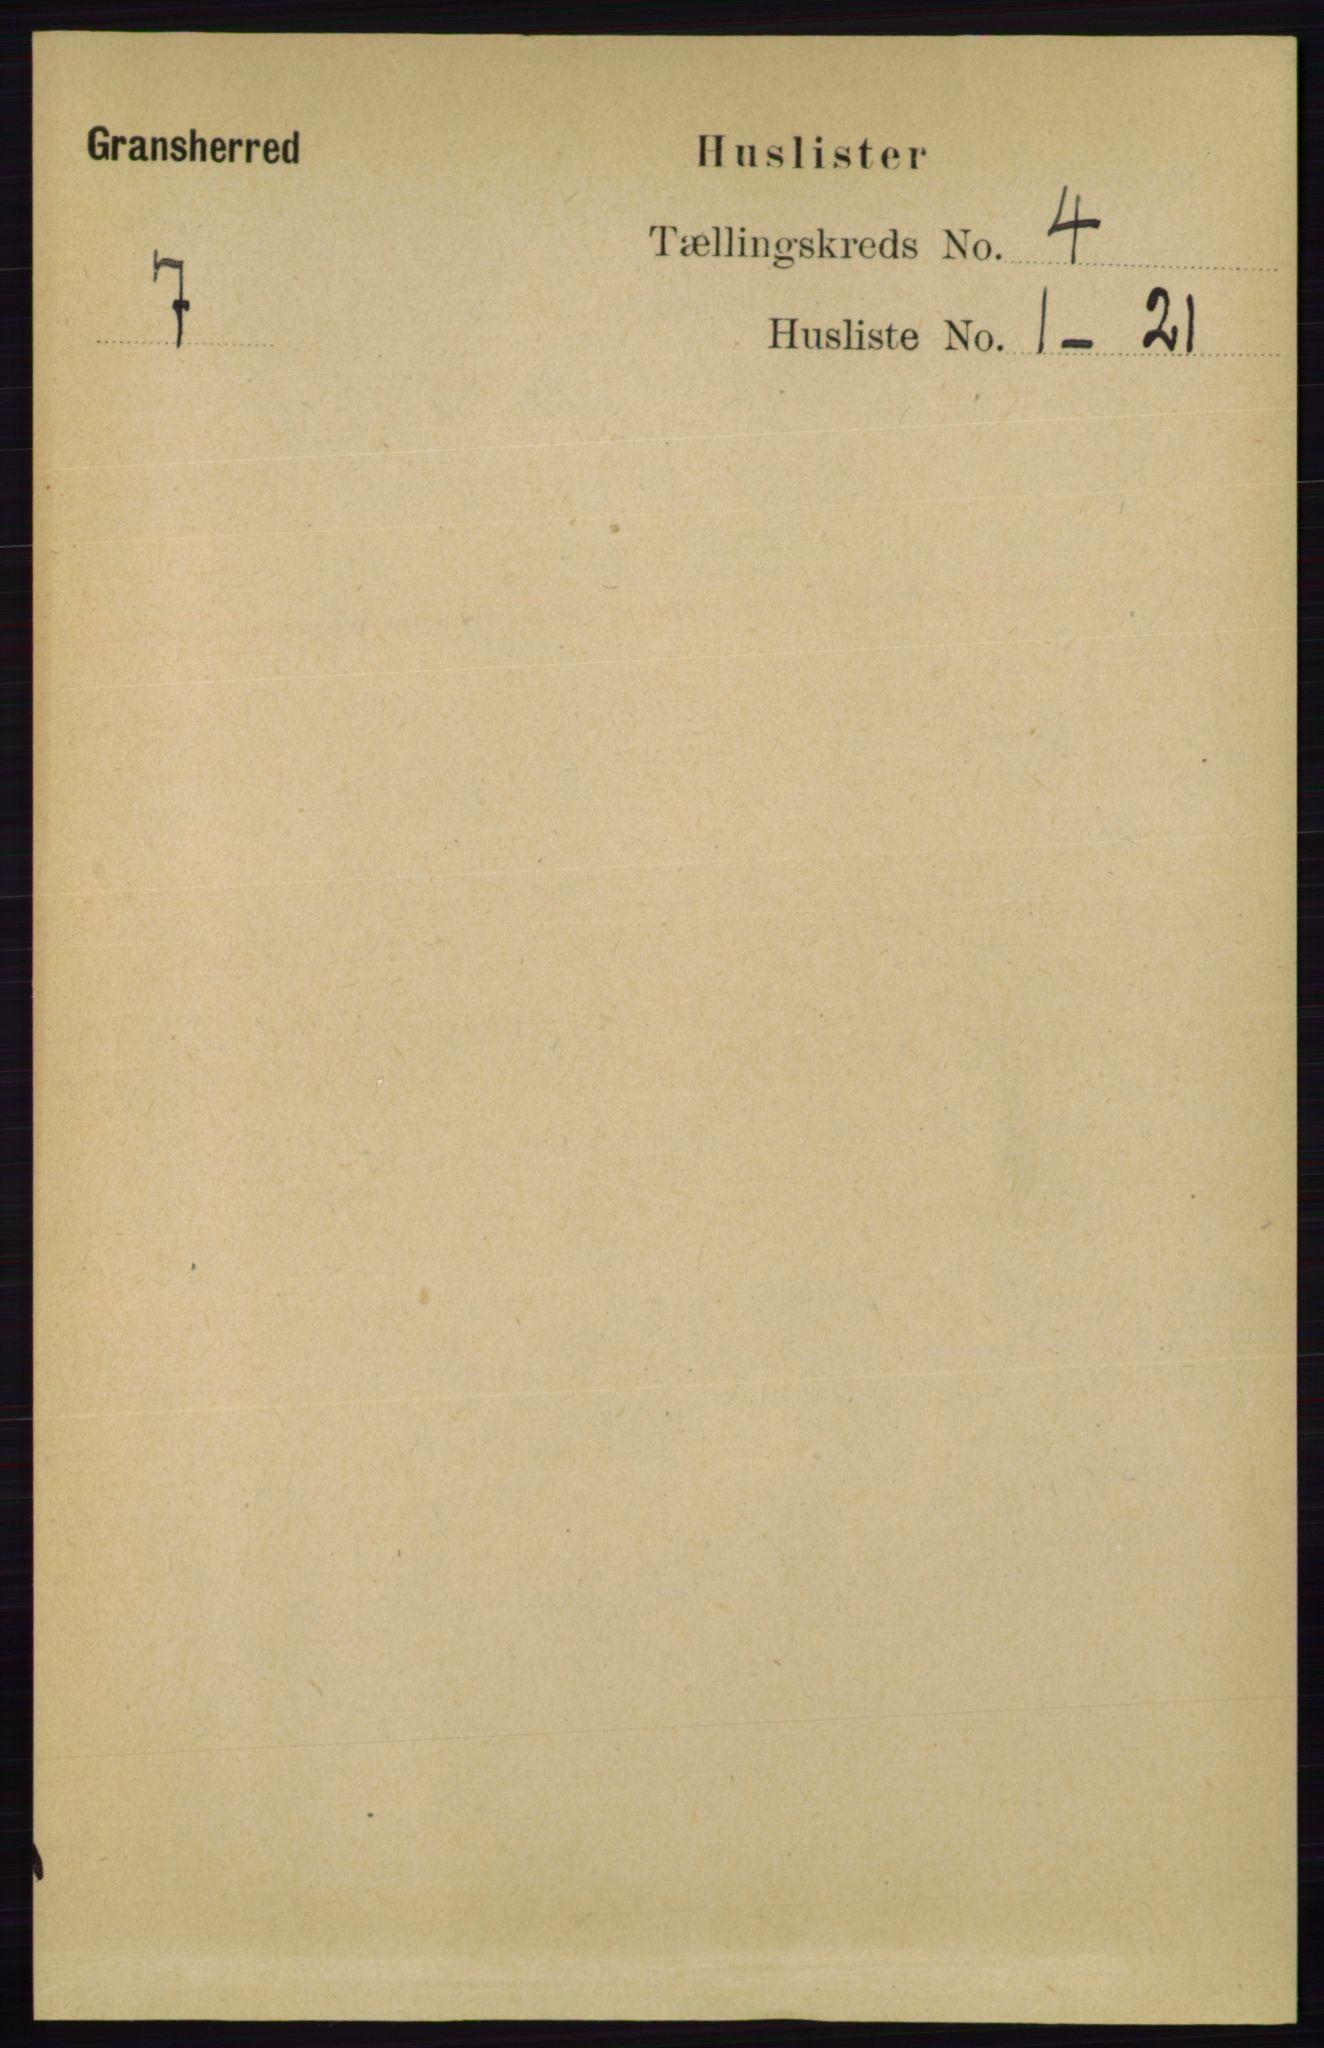 RA, Folketelling 1891 for 0824 Gransherad herred, 1891, s. 655